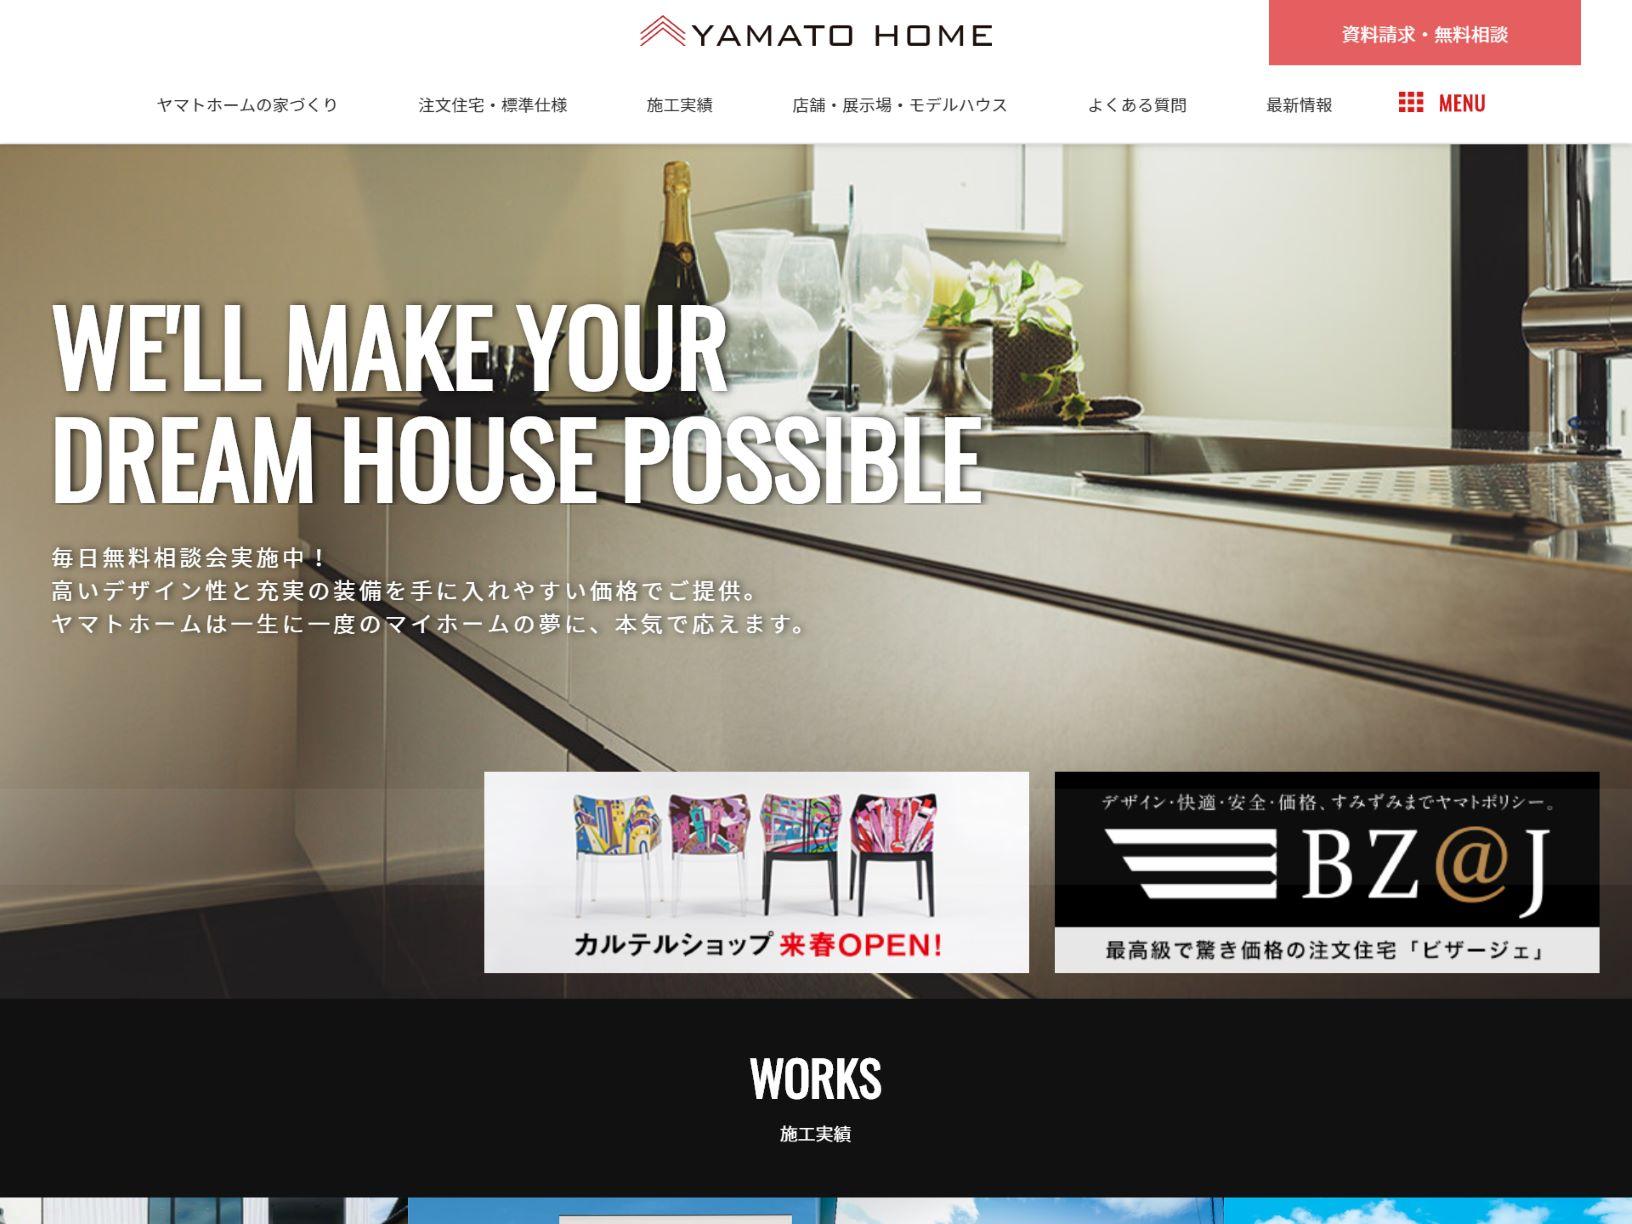 ヤマトホーム株式会社